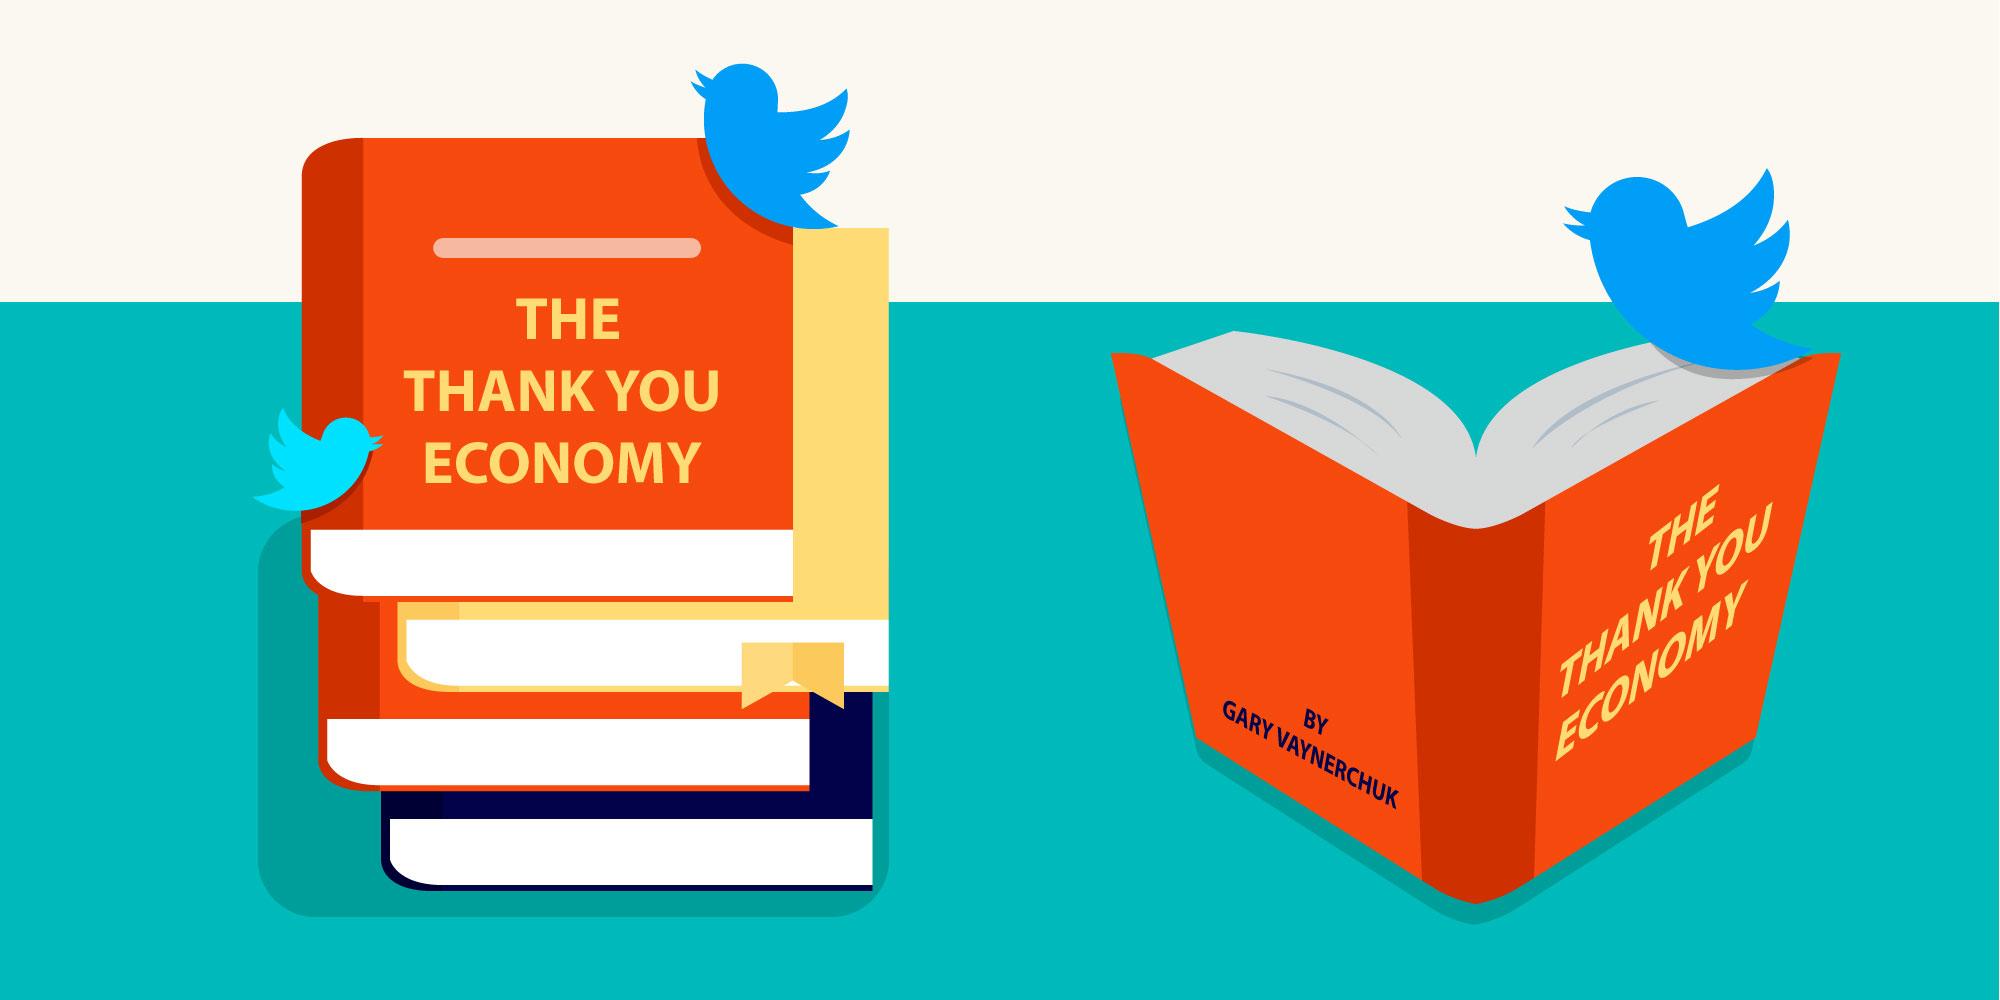 کتاب اقتصاد تشکری از گری وینرچاک